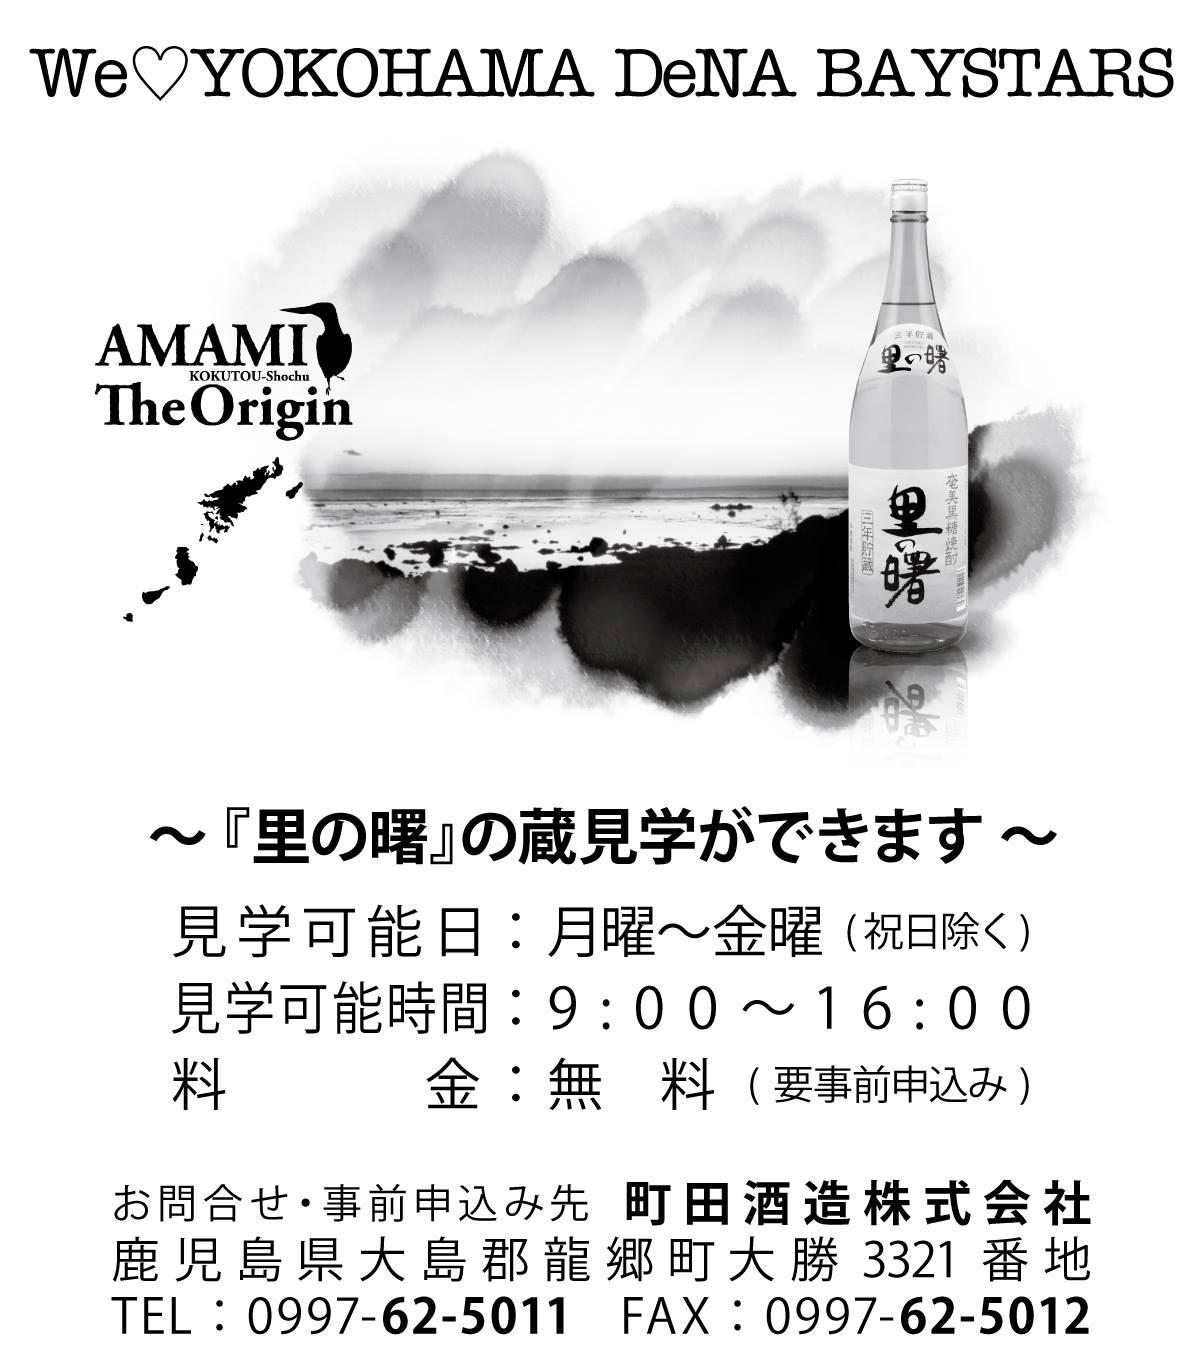 We Love 横浜DeNAベイスターズ #40